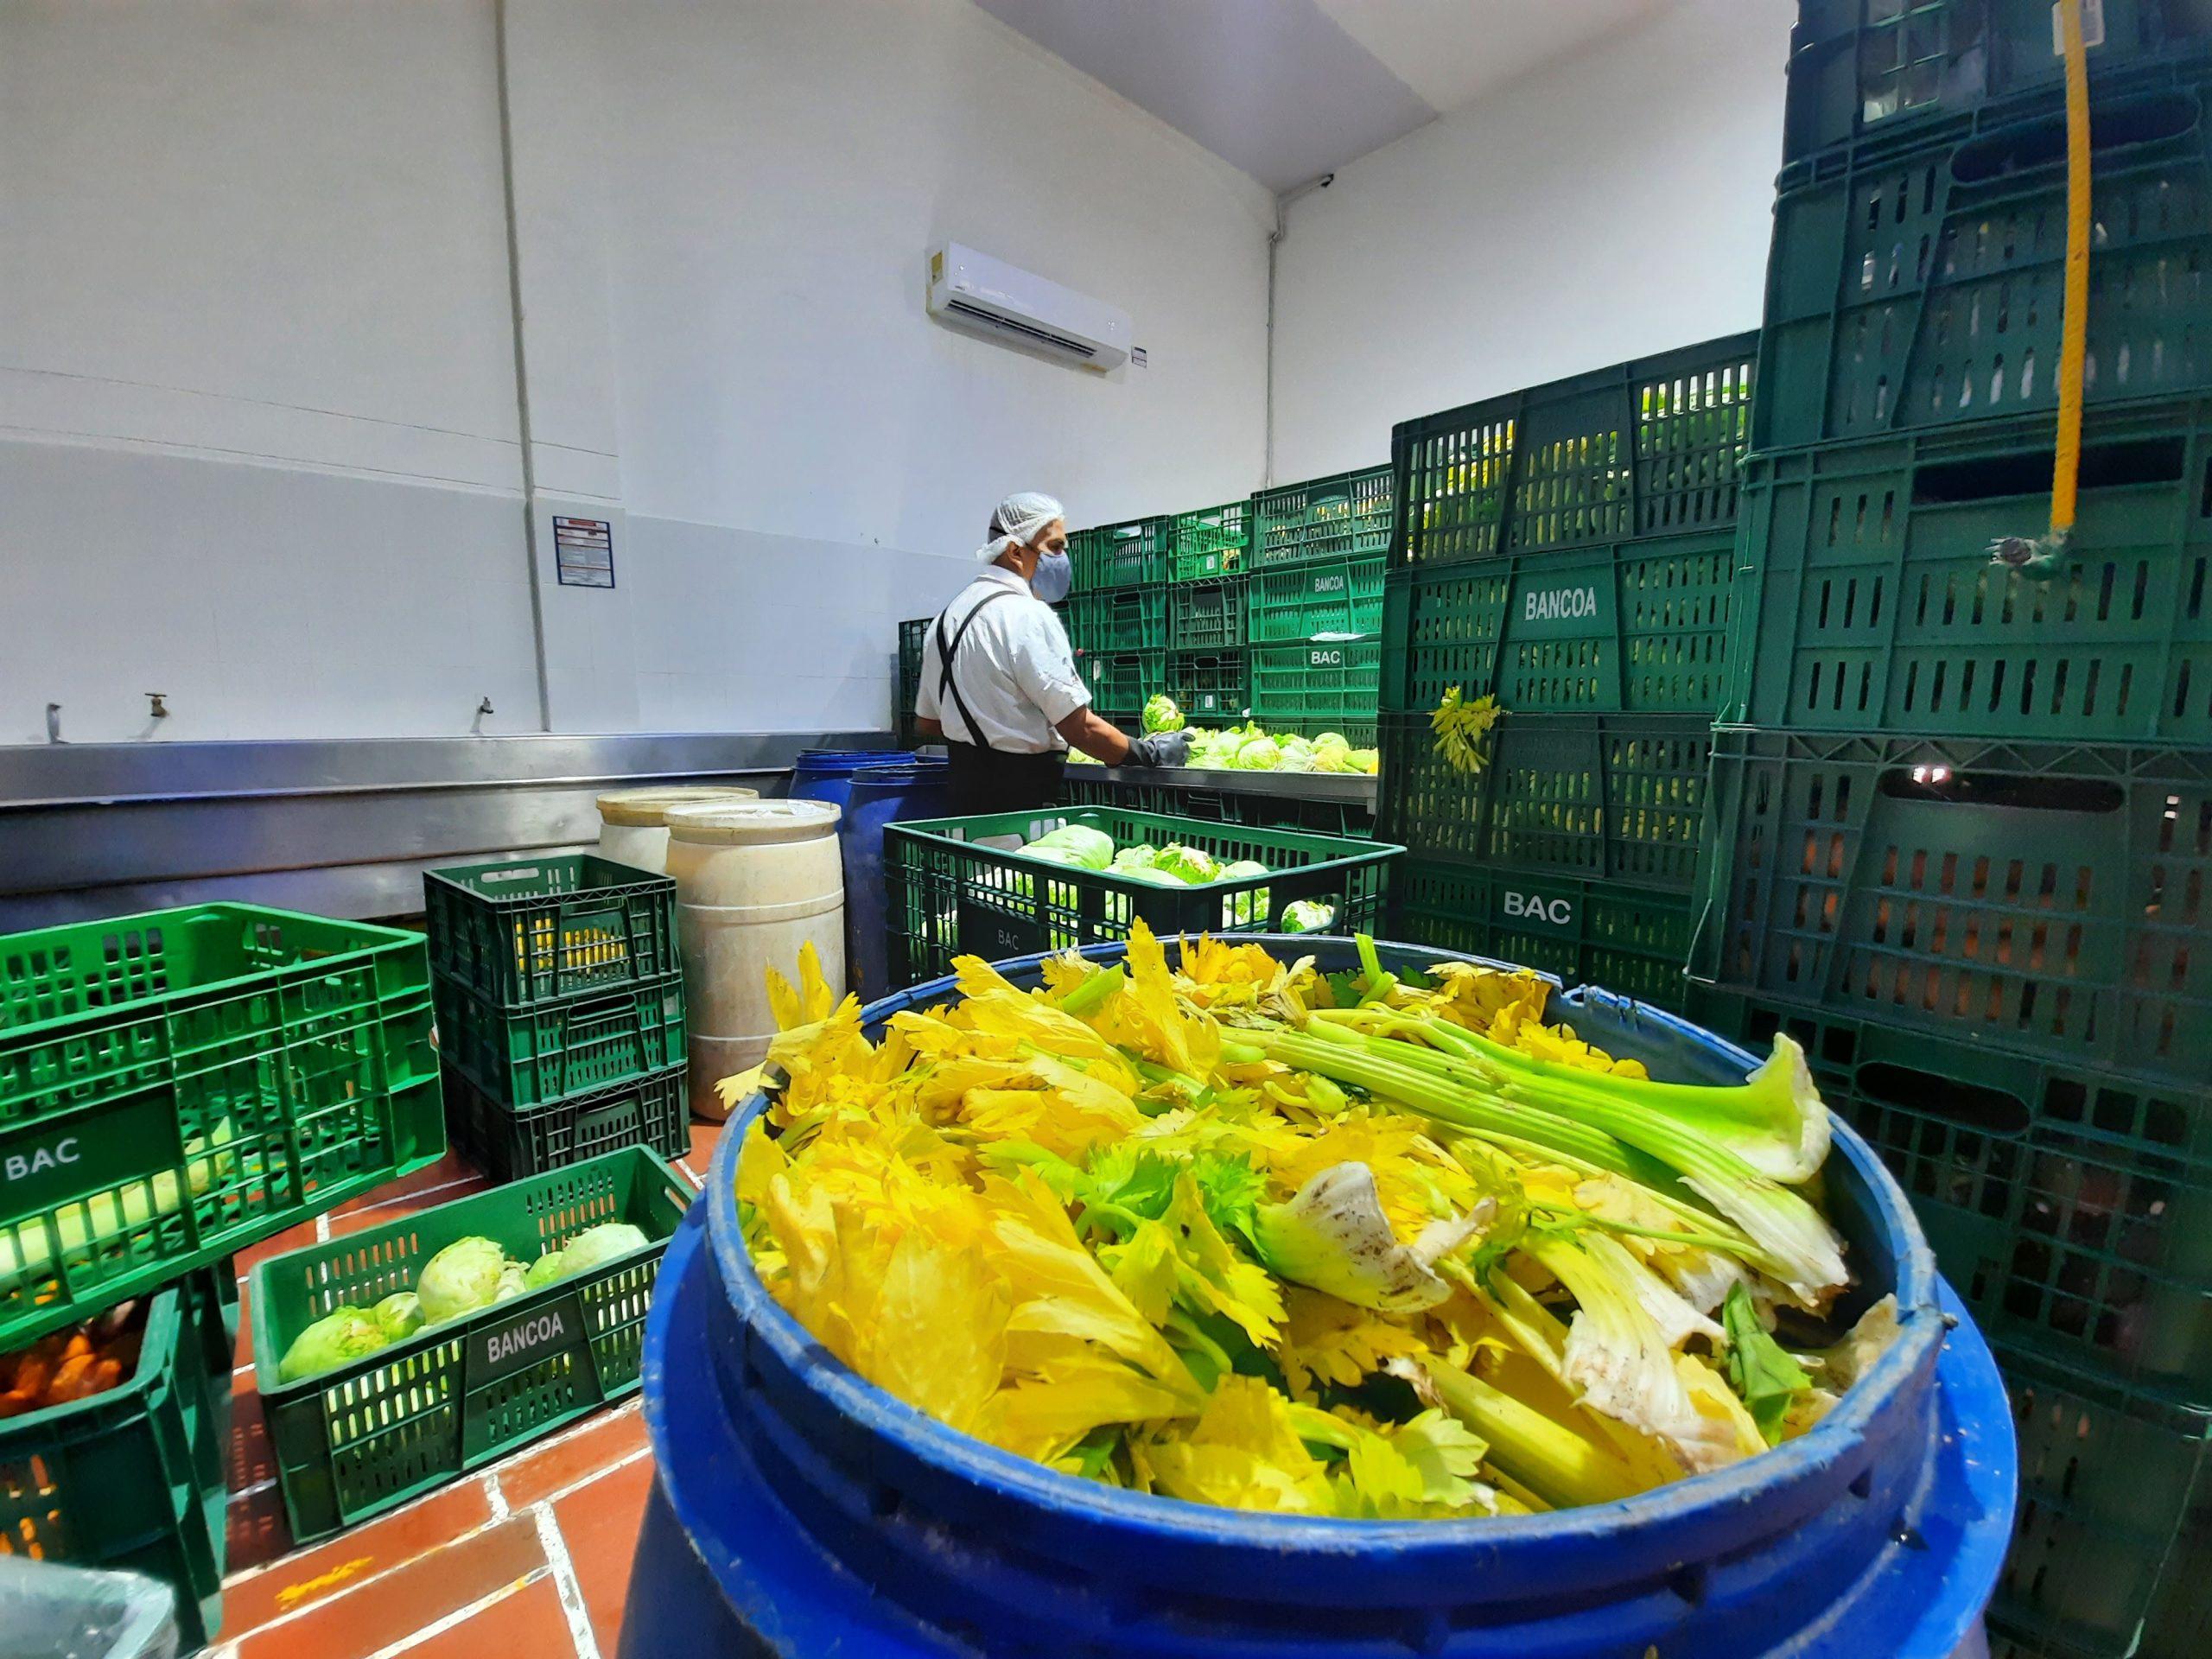 Nuestros esfuerzos  en la disminución de las pérdidas y desperdicios de alimentos en Colombia